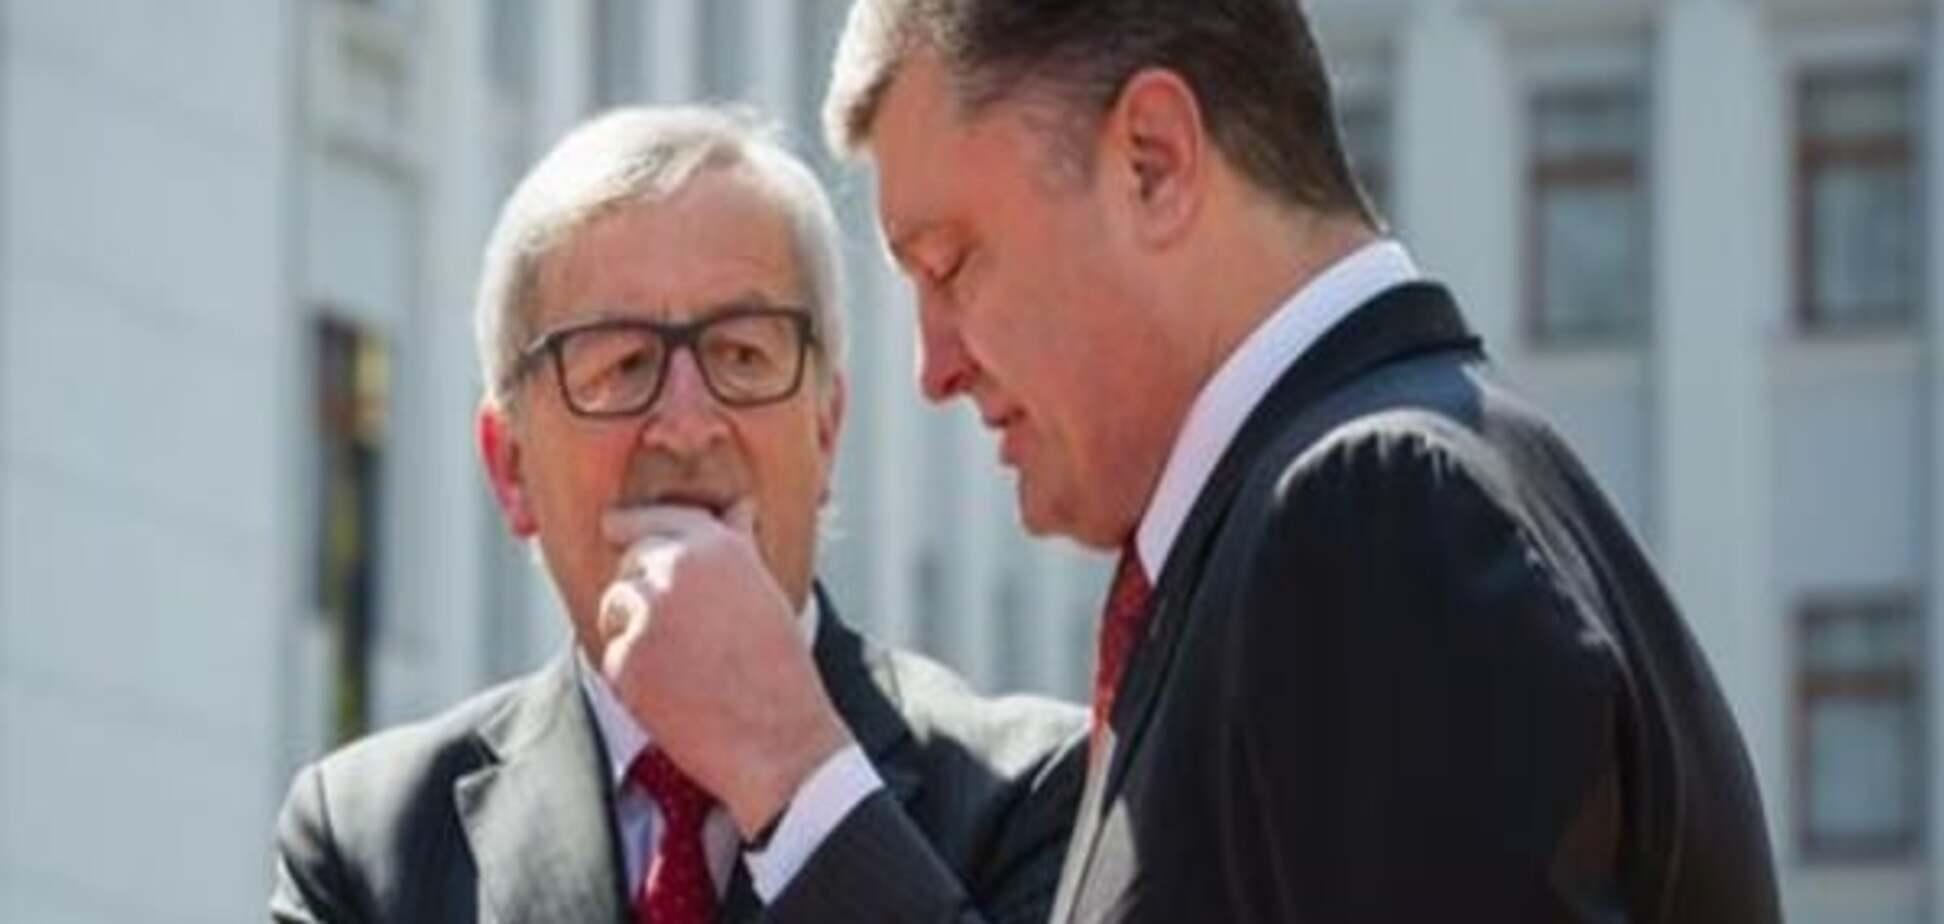 Єврокомісії очікує від Києва боротьби з корупцією на шляху лібералізації візового режиму